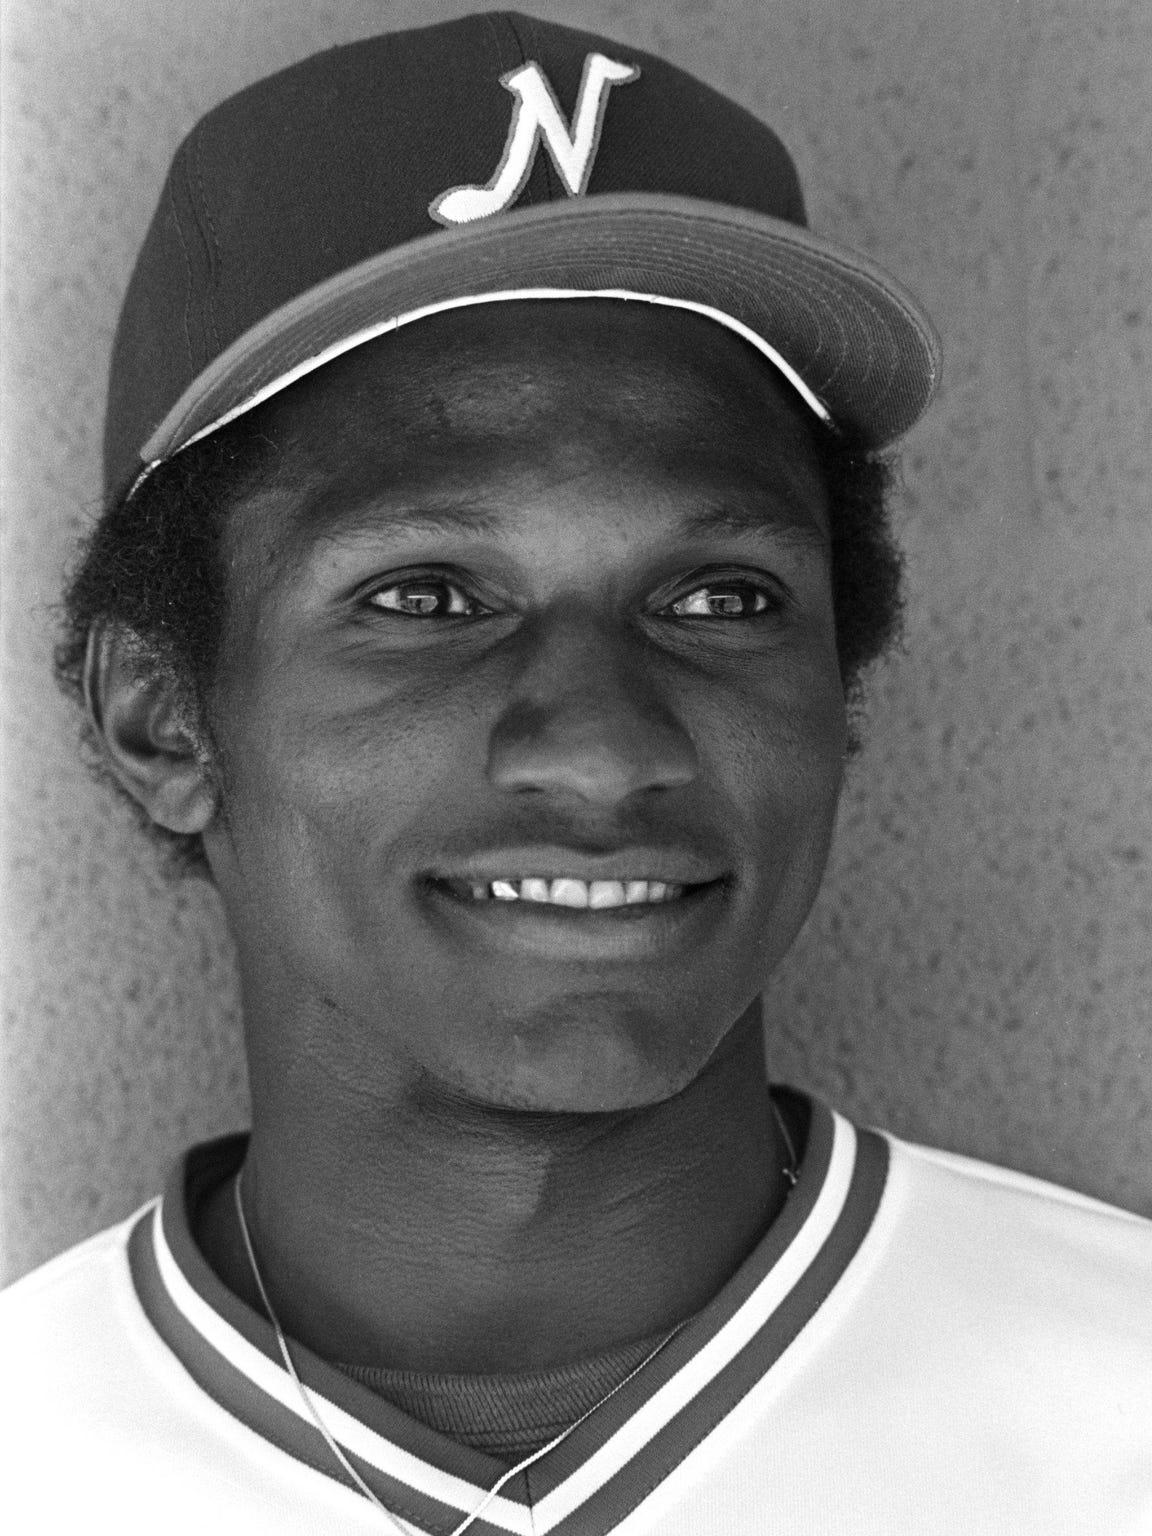 Otis Nixon of the 1981 Nashville Sounds minor AA baseball team.